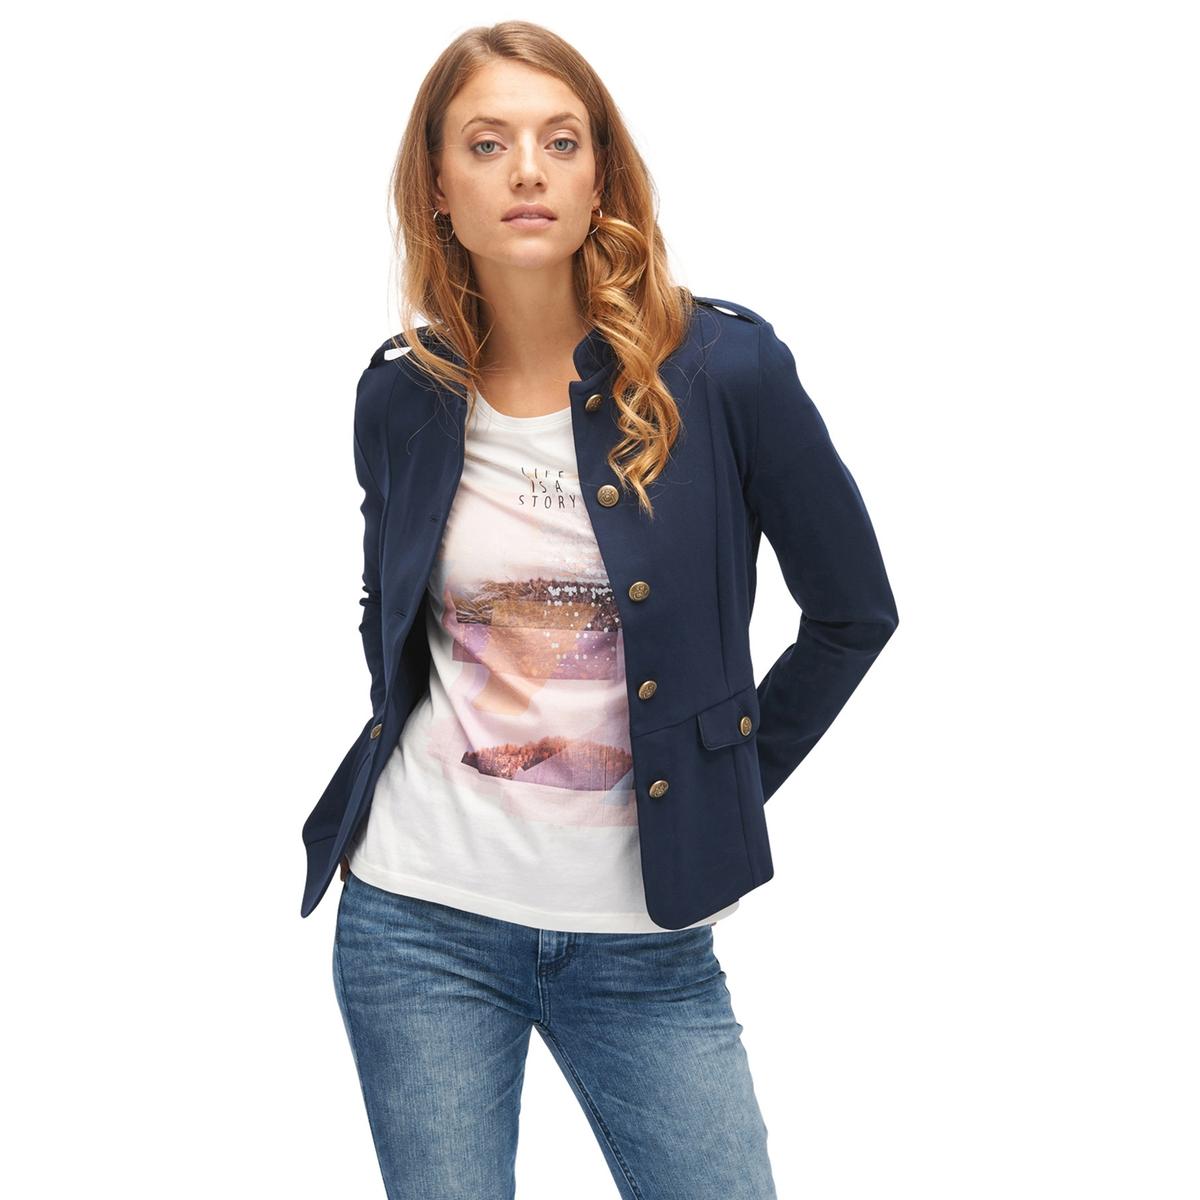 Куртка-блейзер приталеннаяДетали •  Блейзер •  Приталенный покрой  •  Воротник-стойкаСостав и уход •  67% вискозы, 6% эластана, 27% полиамида •  Следуйте рекомендациям по уходу, указанным на этикетке изделия<br><br>Цвет: темно-синий<br>Размер: XL